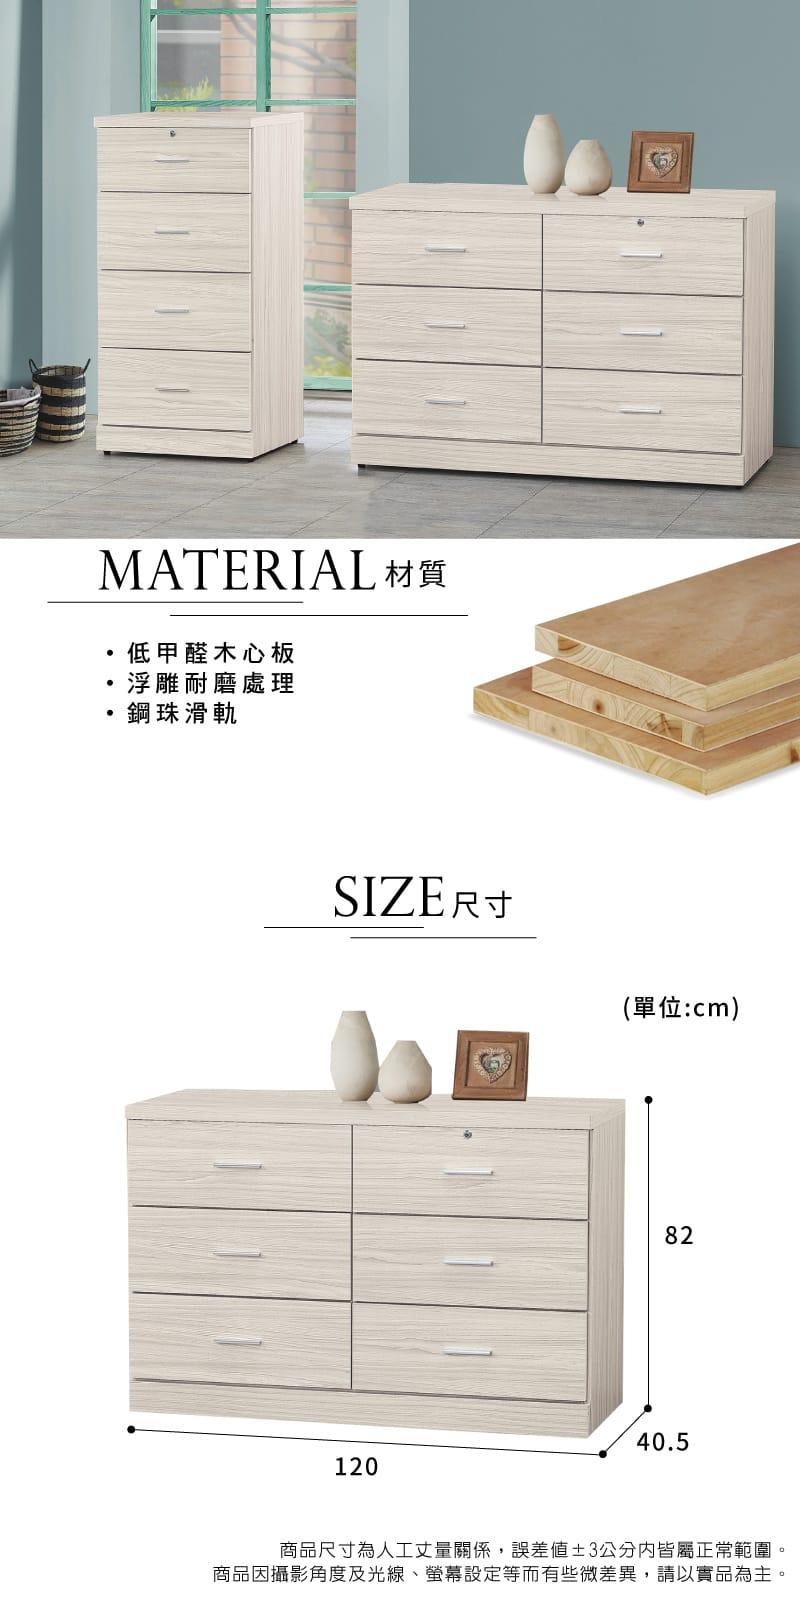 白梣木收納置物六斗櫃 寬120cm